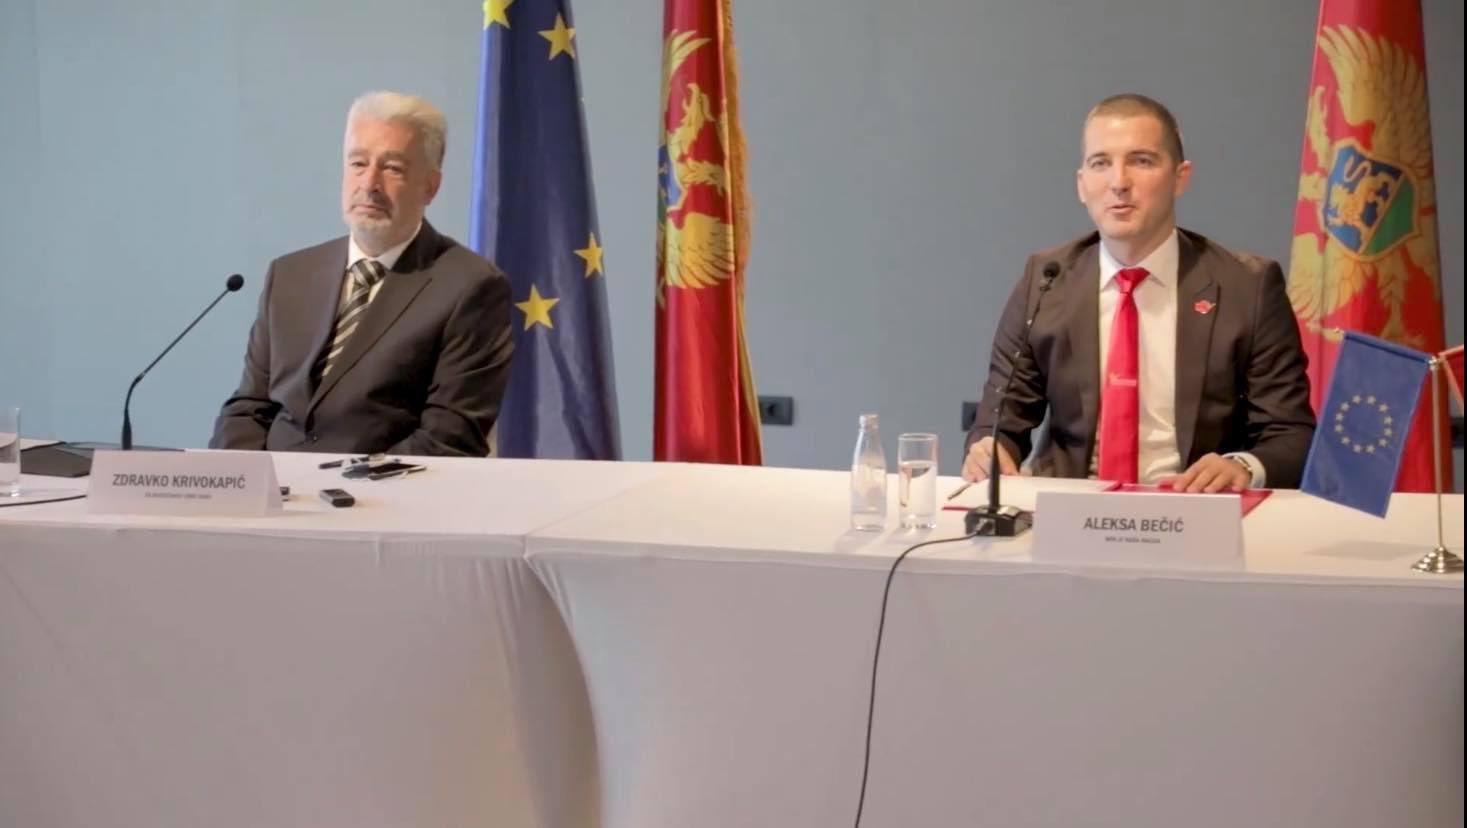 Кривокапић: Разговори о формирању нове Владе Црне Горе иду планираном динамиком